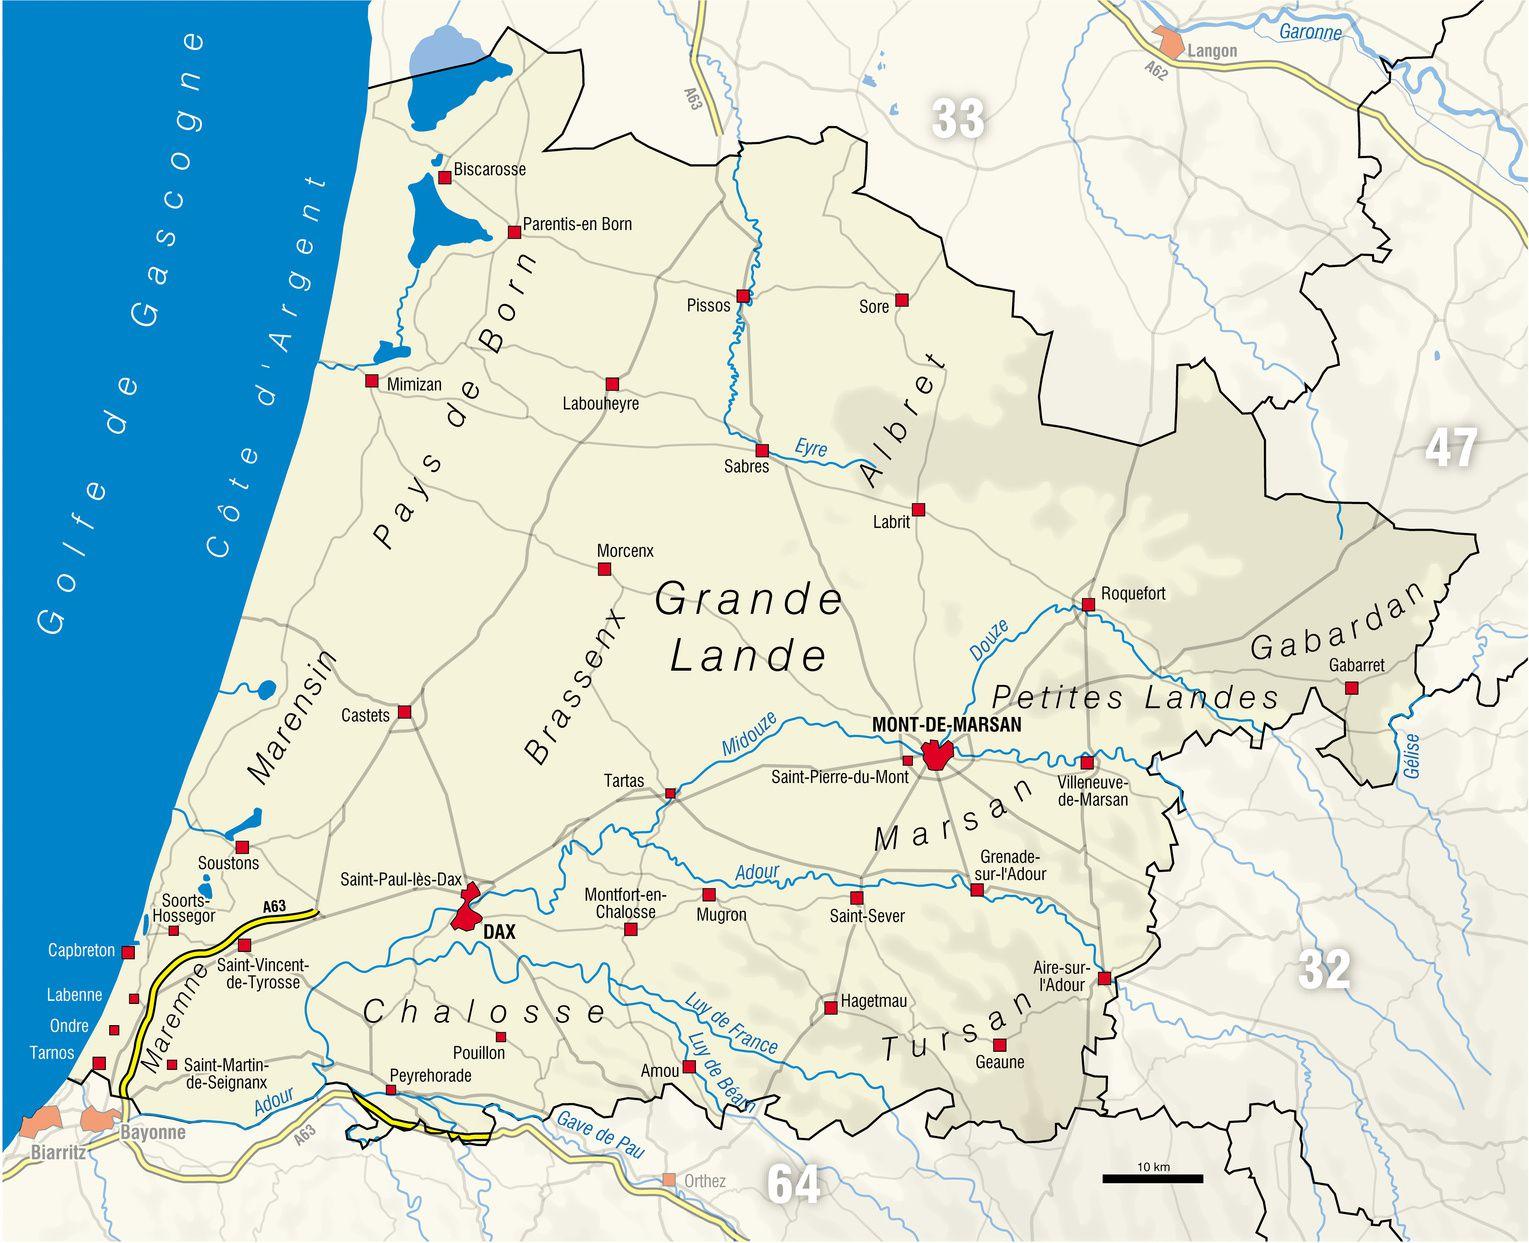 carte des landes avec villes Carte des Landes   Landes carte des villes, communes, politique